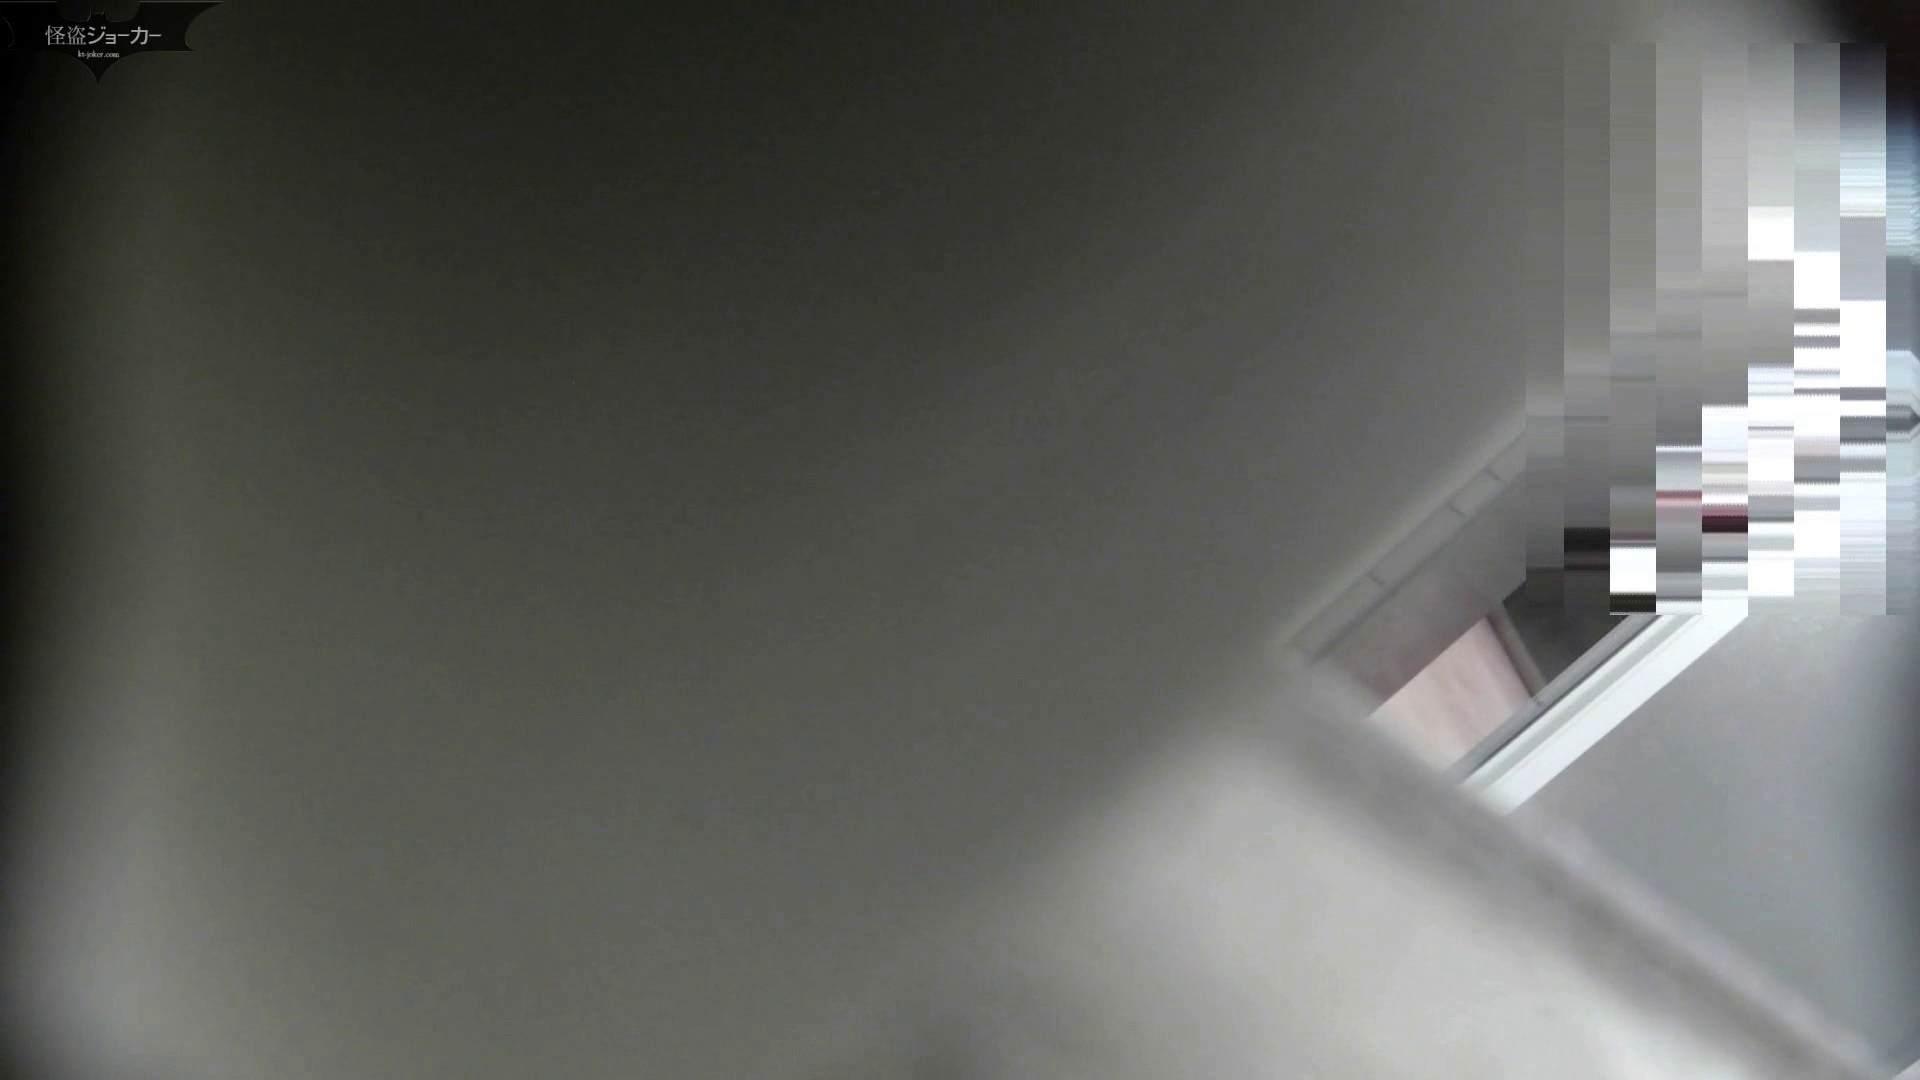 【美しき個室な世界】洗面所特攻隊 vol.051 洗面所 | OLの実態  49pic 17